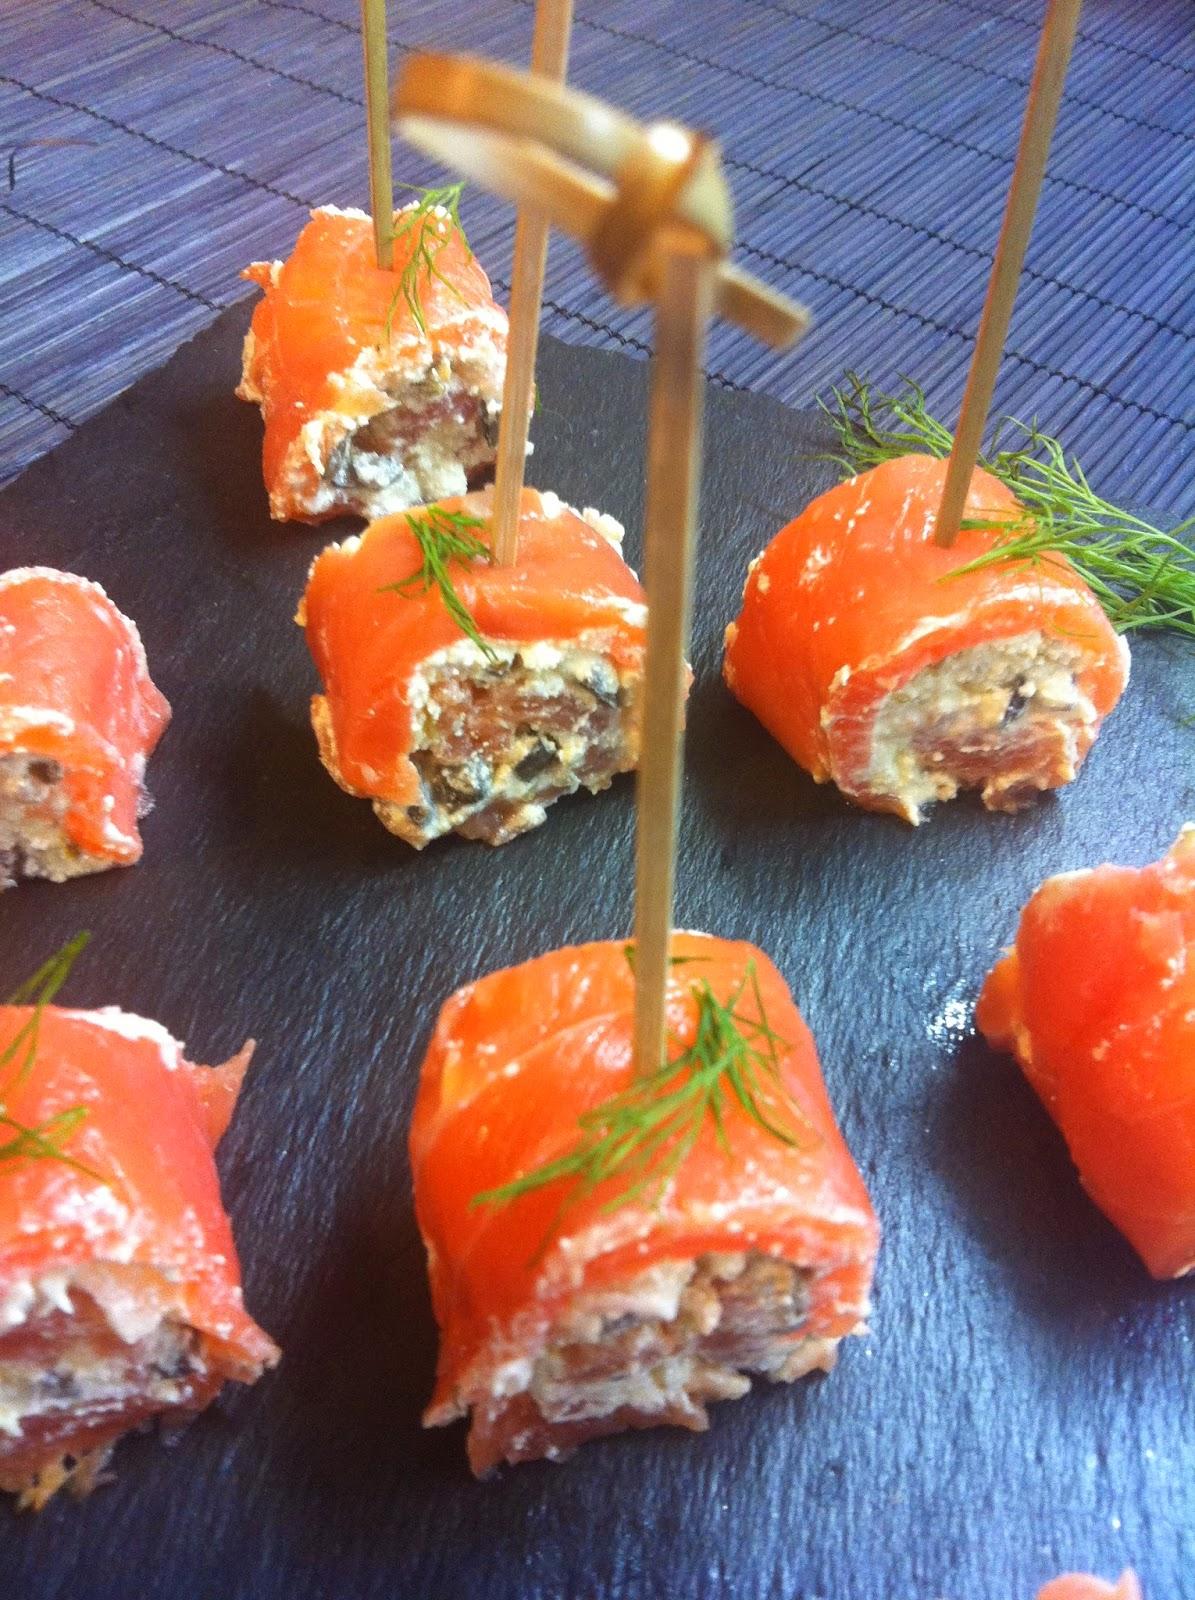 Las recetas de martuka rollitos de salm n ahumado queso for Canape de salmon ahumado